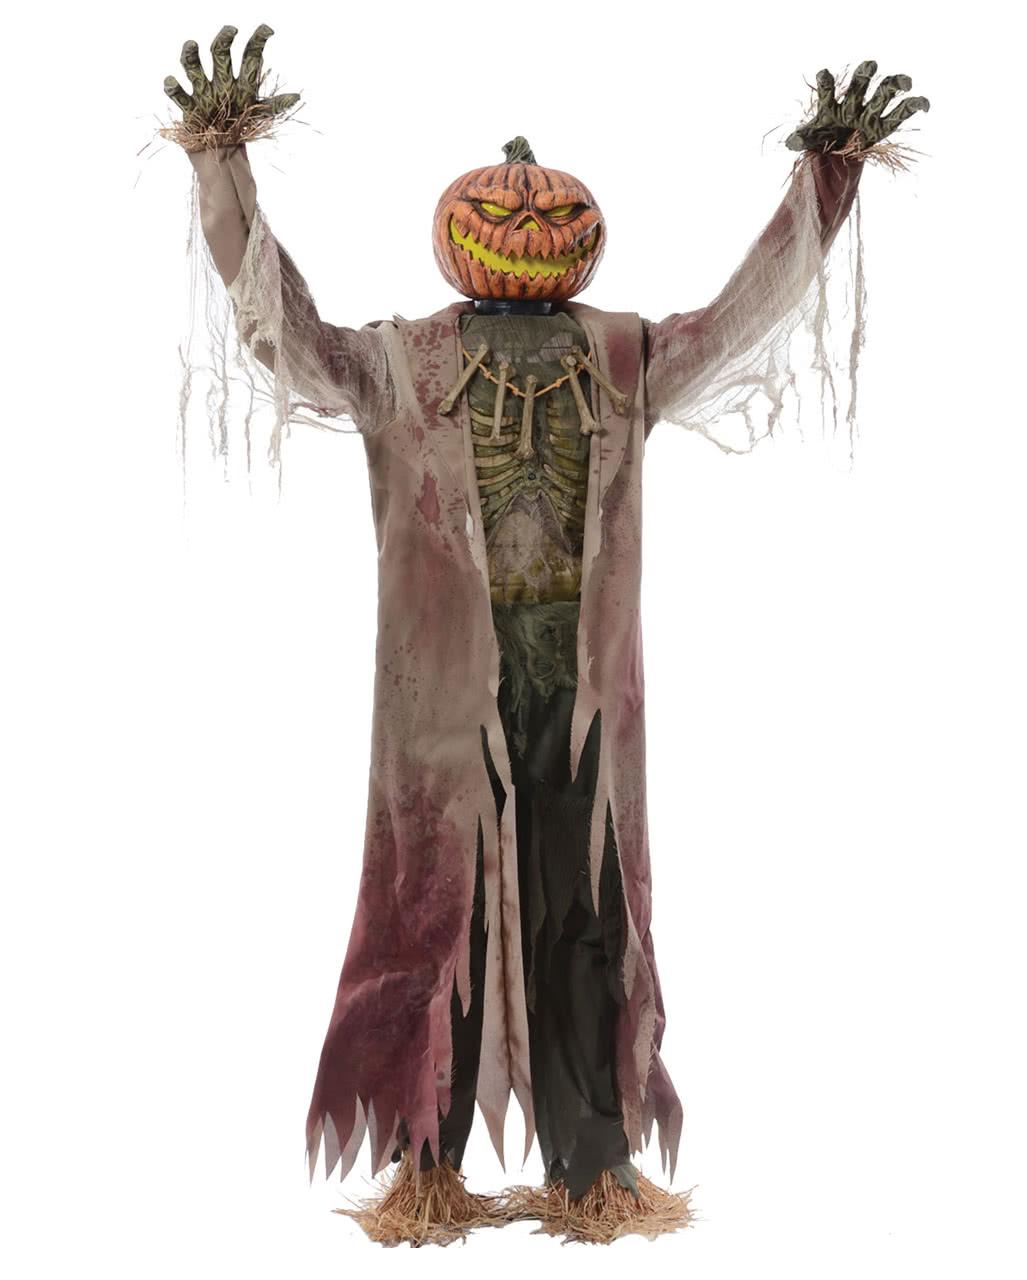 Halloween Deko Kaufen.Kurbis Vogelscheuche Halloween Animatronic Kaufen Horror Shop Com